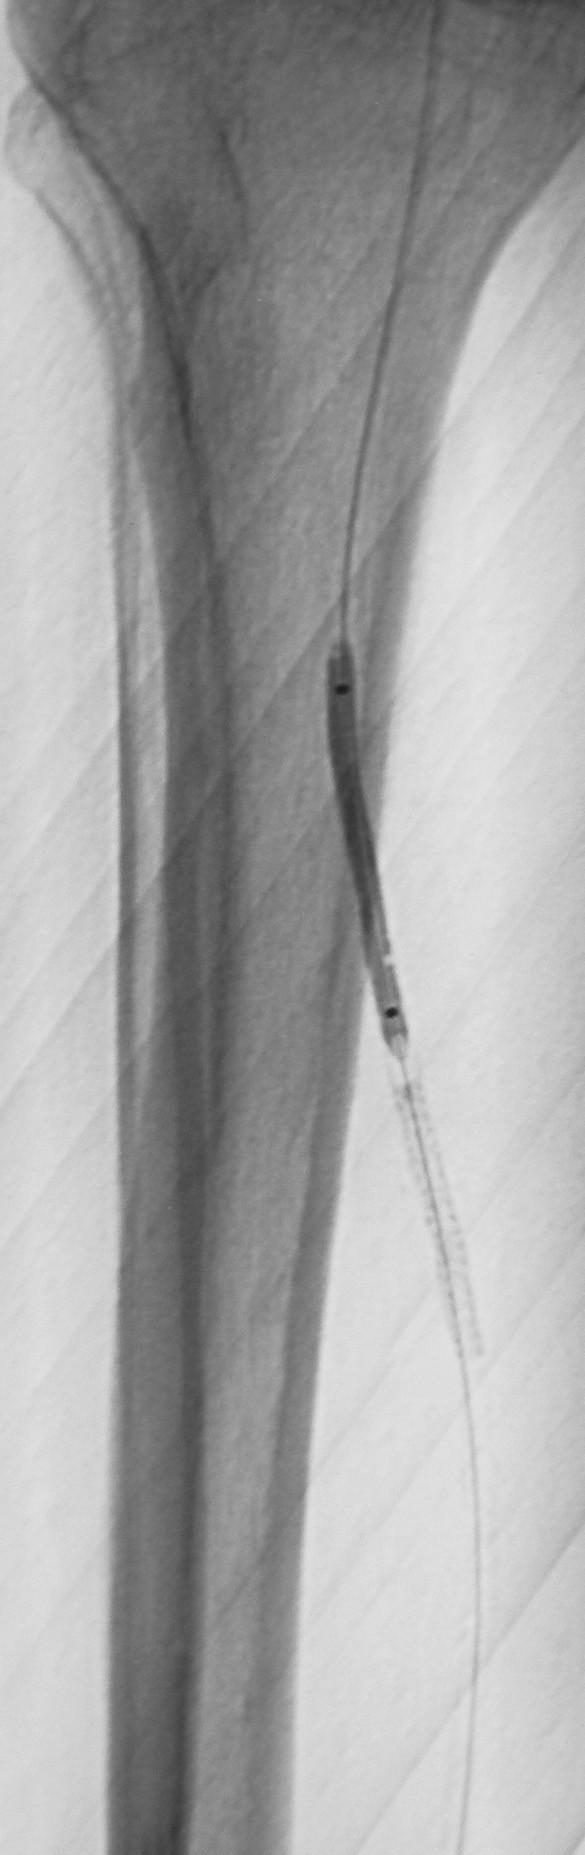 Implantovaný stent do arteria tibialis posterior na pravej dolnej končatine pre disekciu s výborným efektom Fig. 4. A stent implanted into the posterior tibial artery on the right lower extremity for its dissection, with excellent outcome